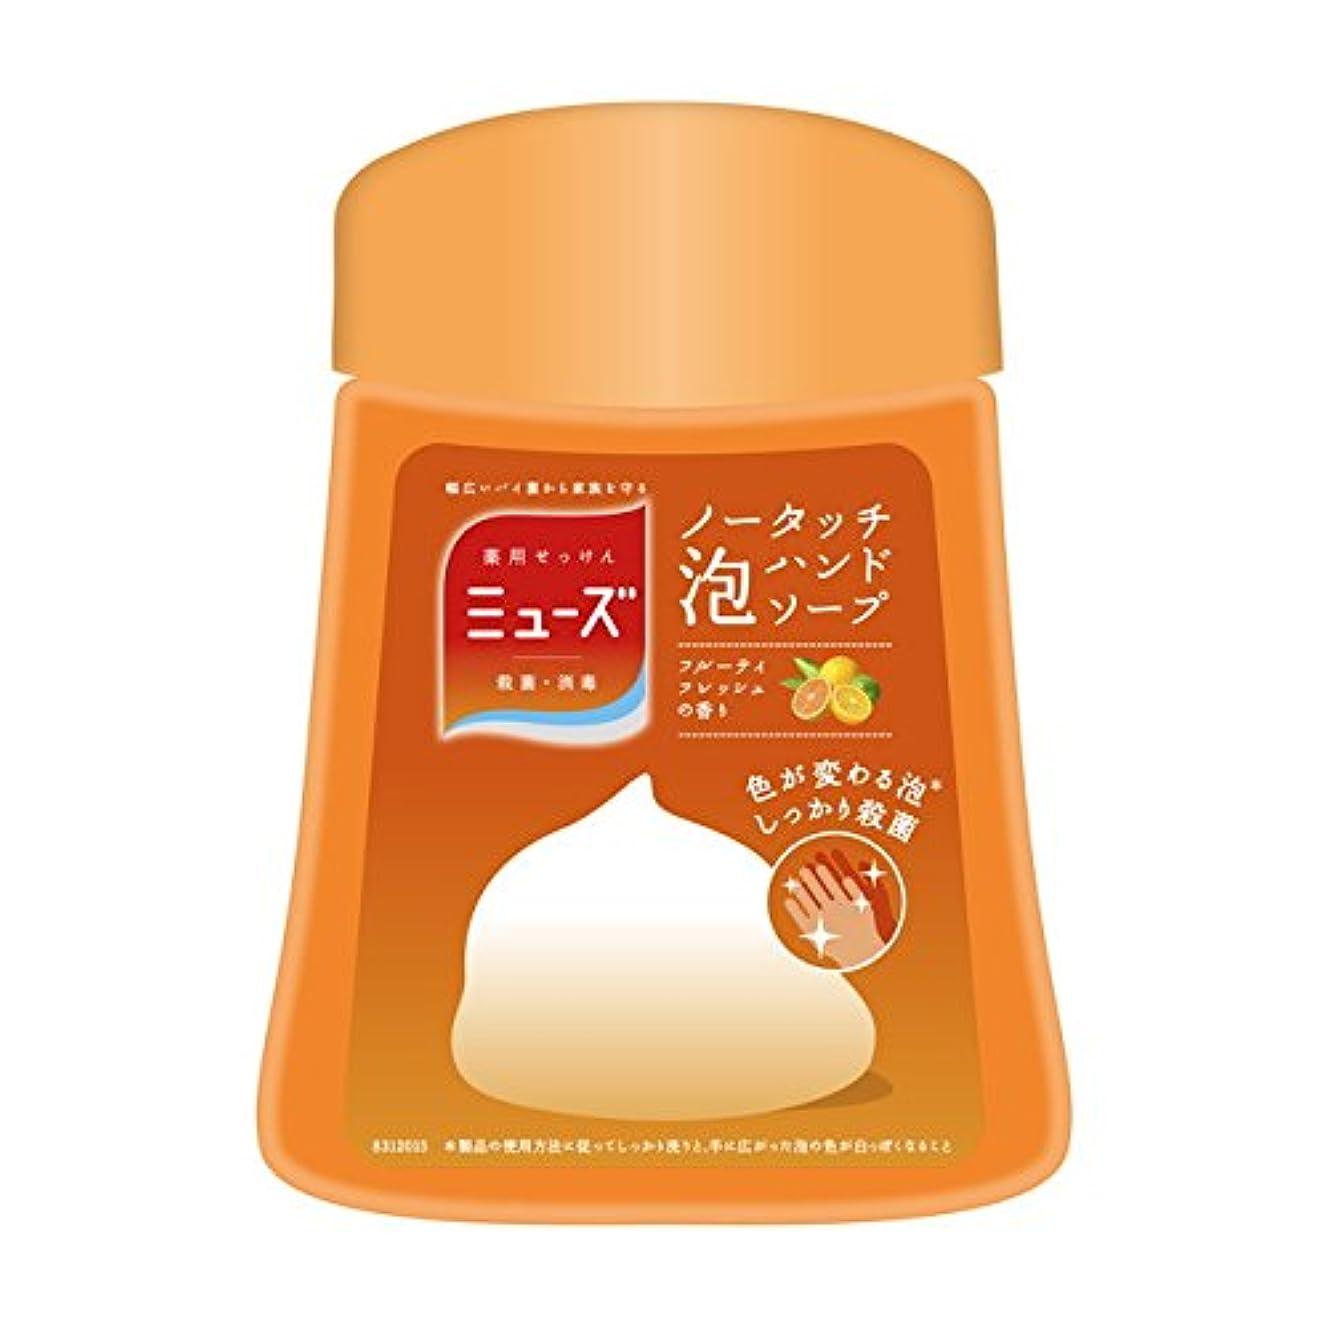 慈悲ピザシアーミューズ ノータッチ フルーティフレッシュ 詰替 250ml【12個セット】